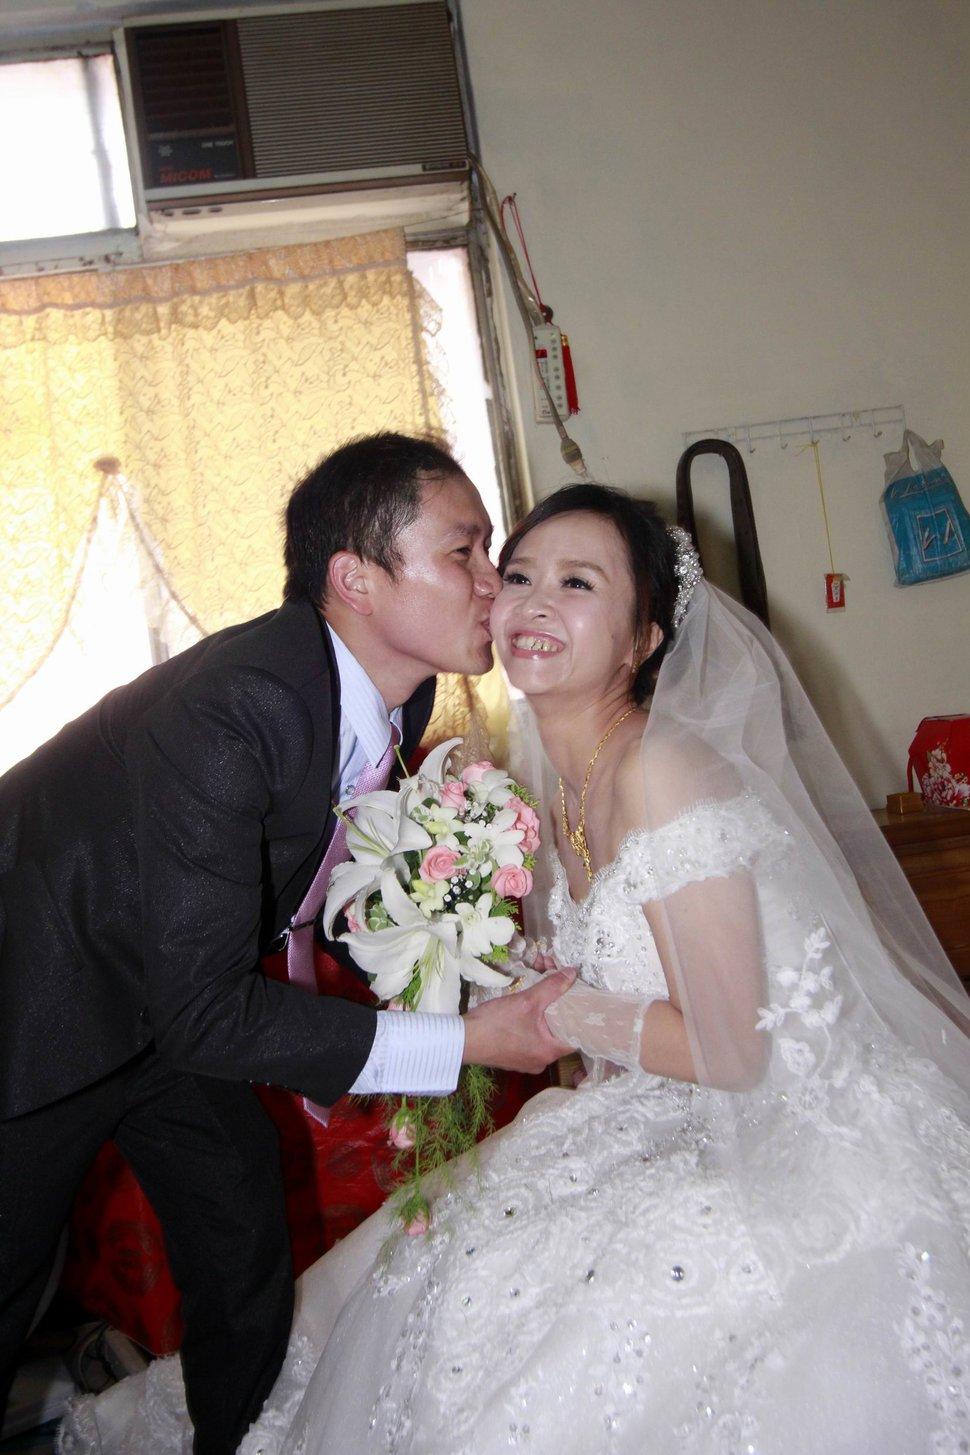 永和易牙居婚宴廣場宴會廳婚婚禮記錄結婚迎娶婚禮記錄動態微電影錄影專業錄影平面攝影婚攝婚禮(編號:213000) - 蜜月拍照10800錄影12800攝影團隊 - 結婚吧